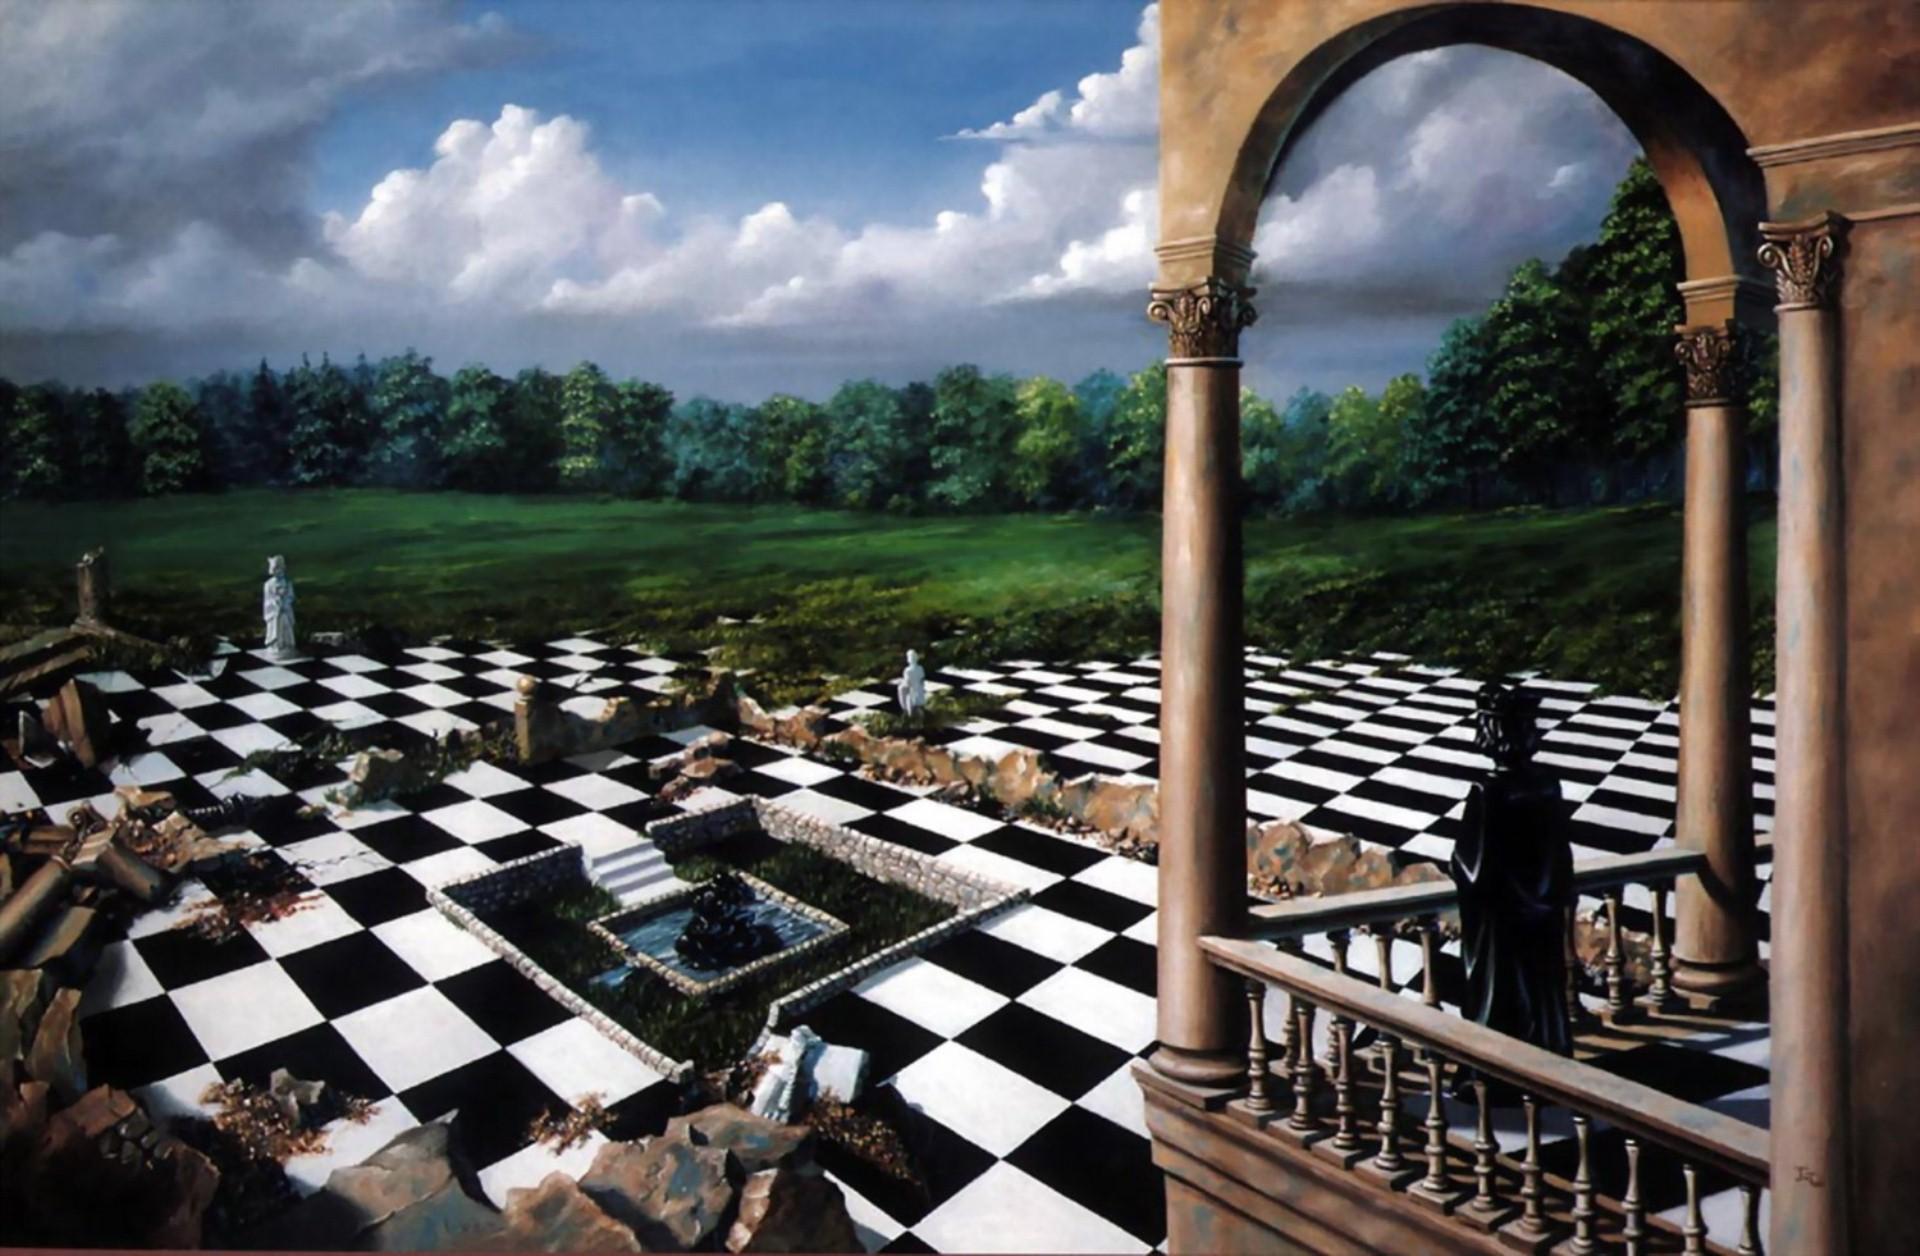 после шахматы из алисы в стране чудес картинка вращается